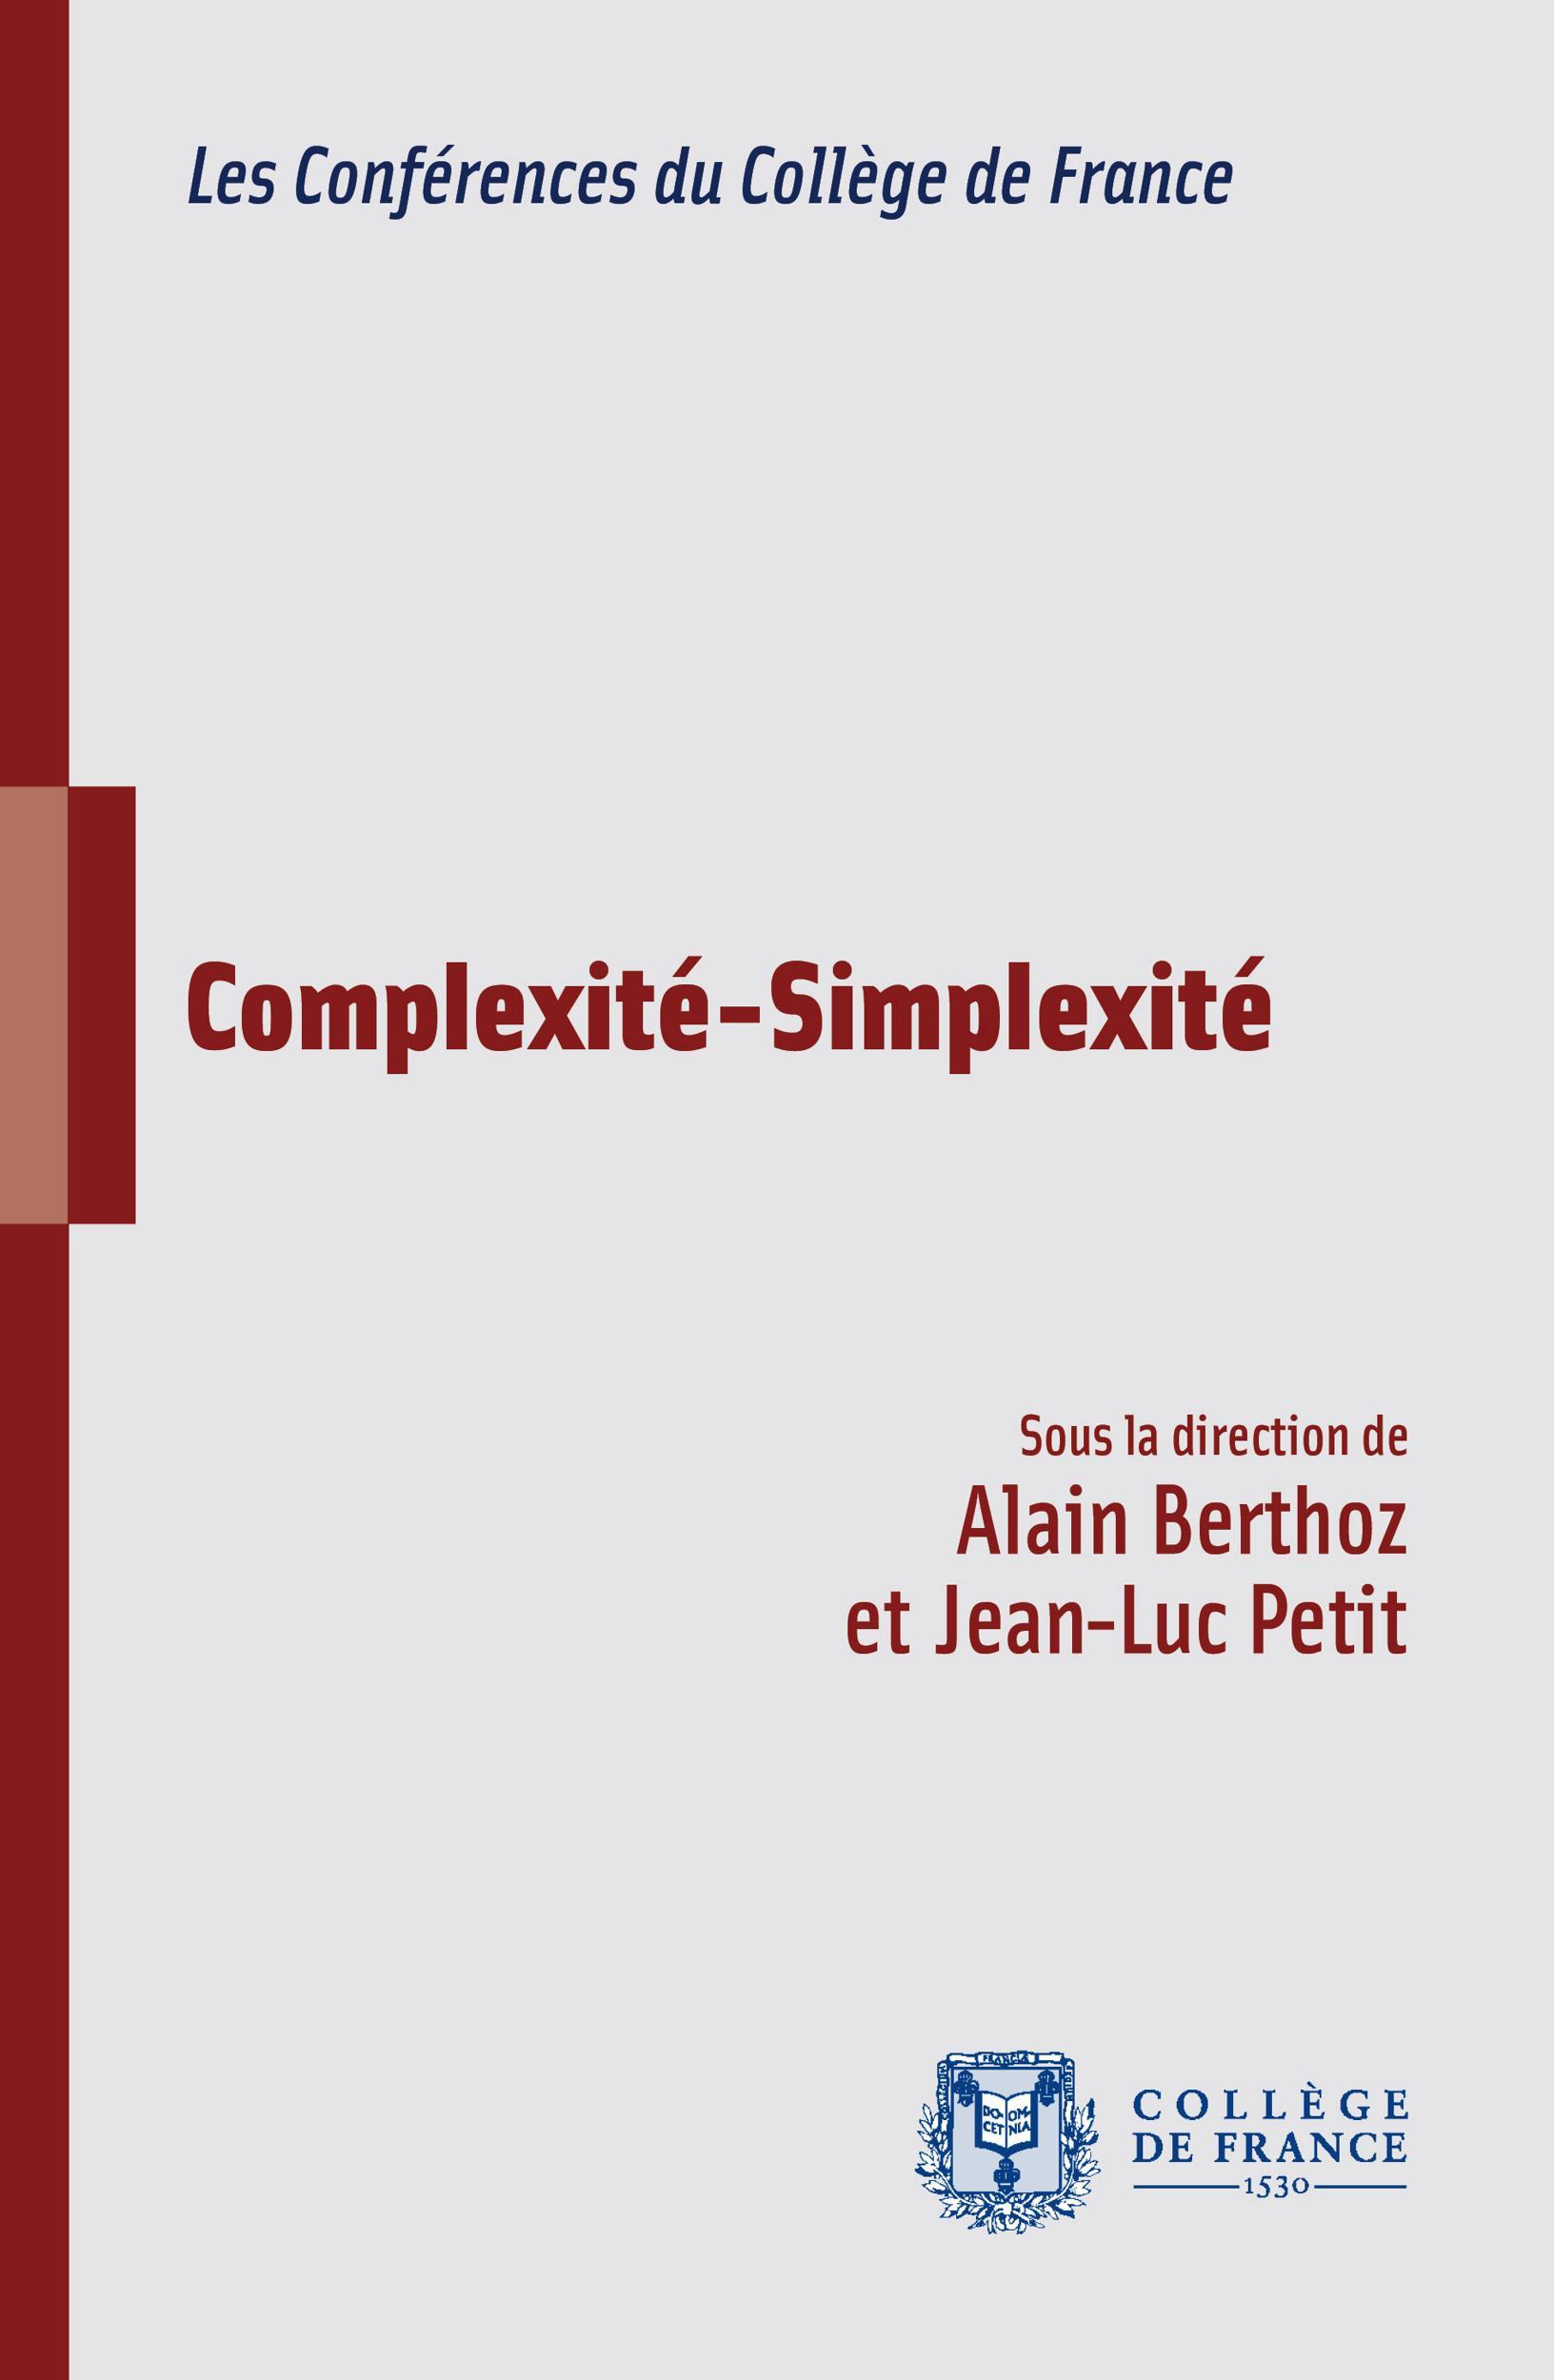 Complexité-Simplexité